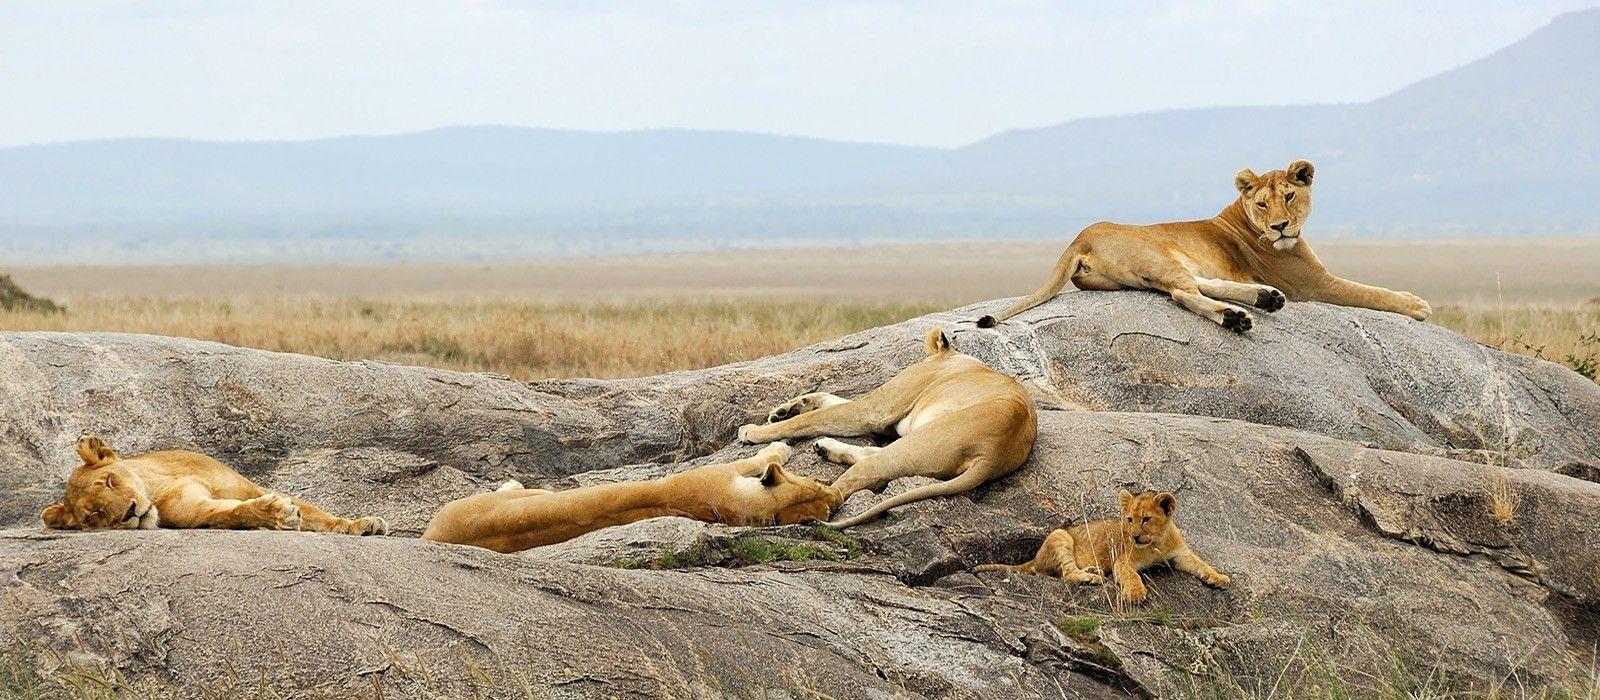 Lakeside Luxury and Wildlife in Tanzania Tour Trip 3